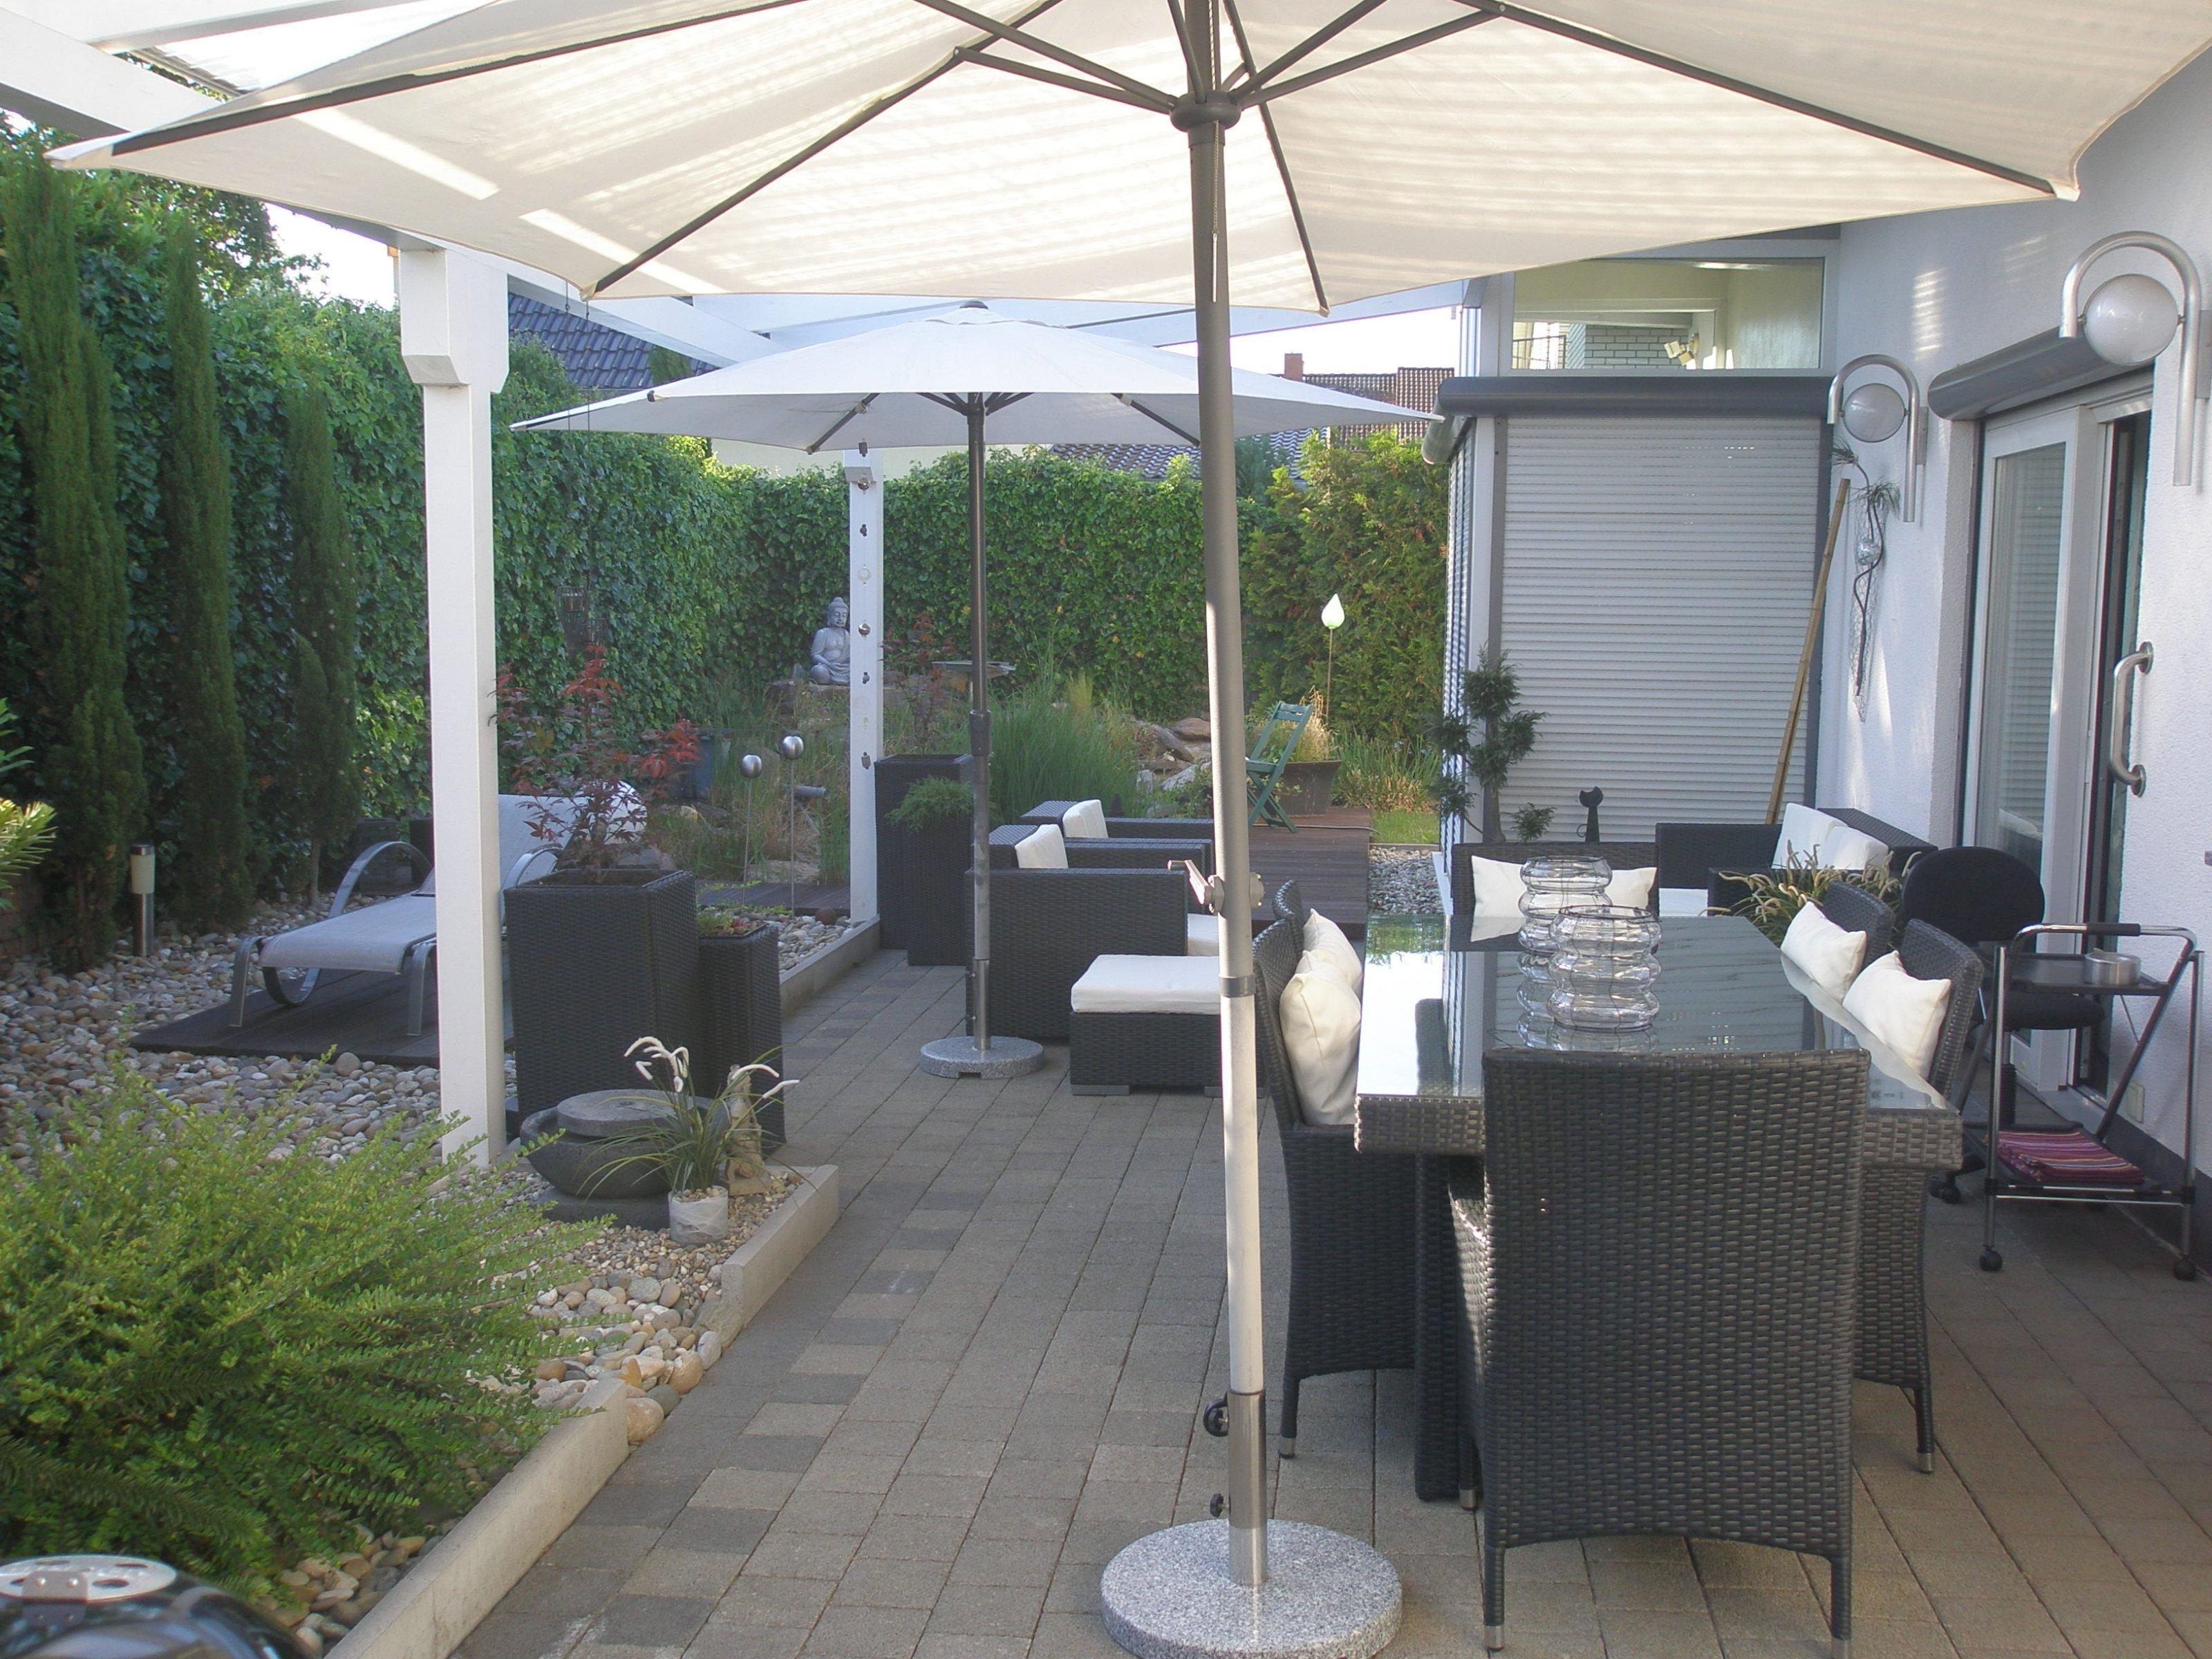 wundersch nen garten terrasse einzigartige ideen zum sichtschutz. Black Bedroom Furniture Sets. Home Design Ideas